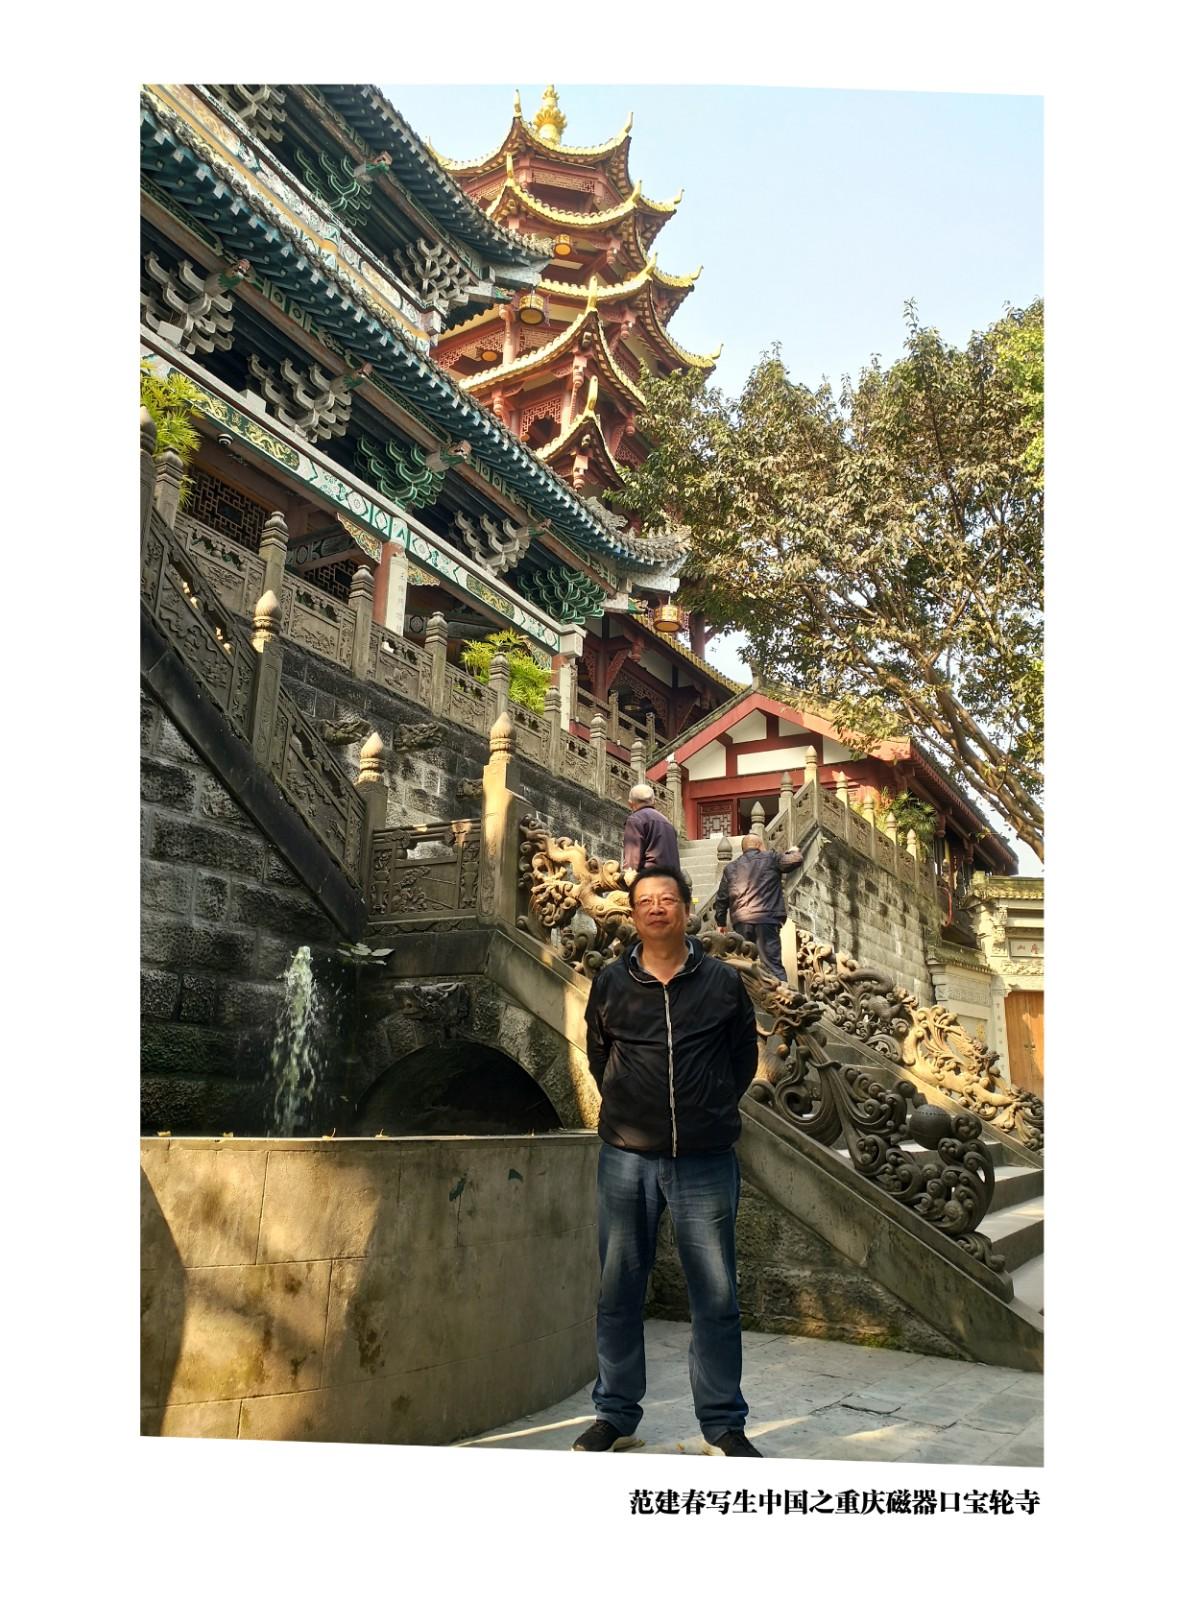 范建春老师写生中国之山城重庆_图1-5